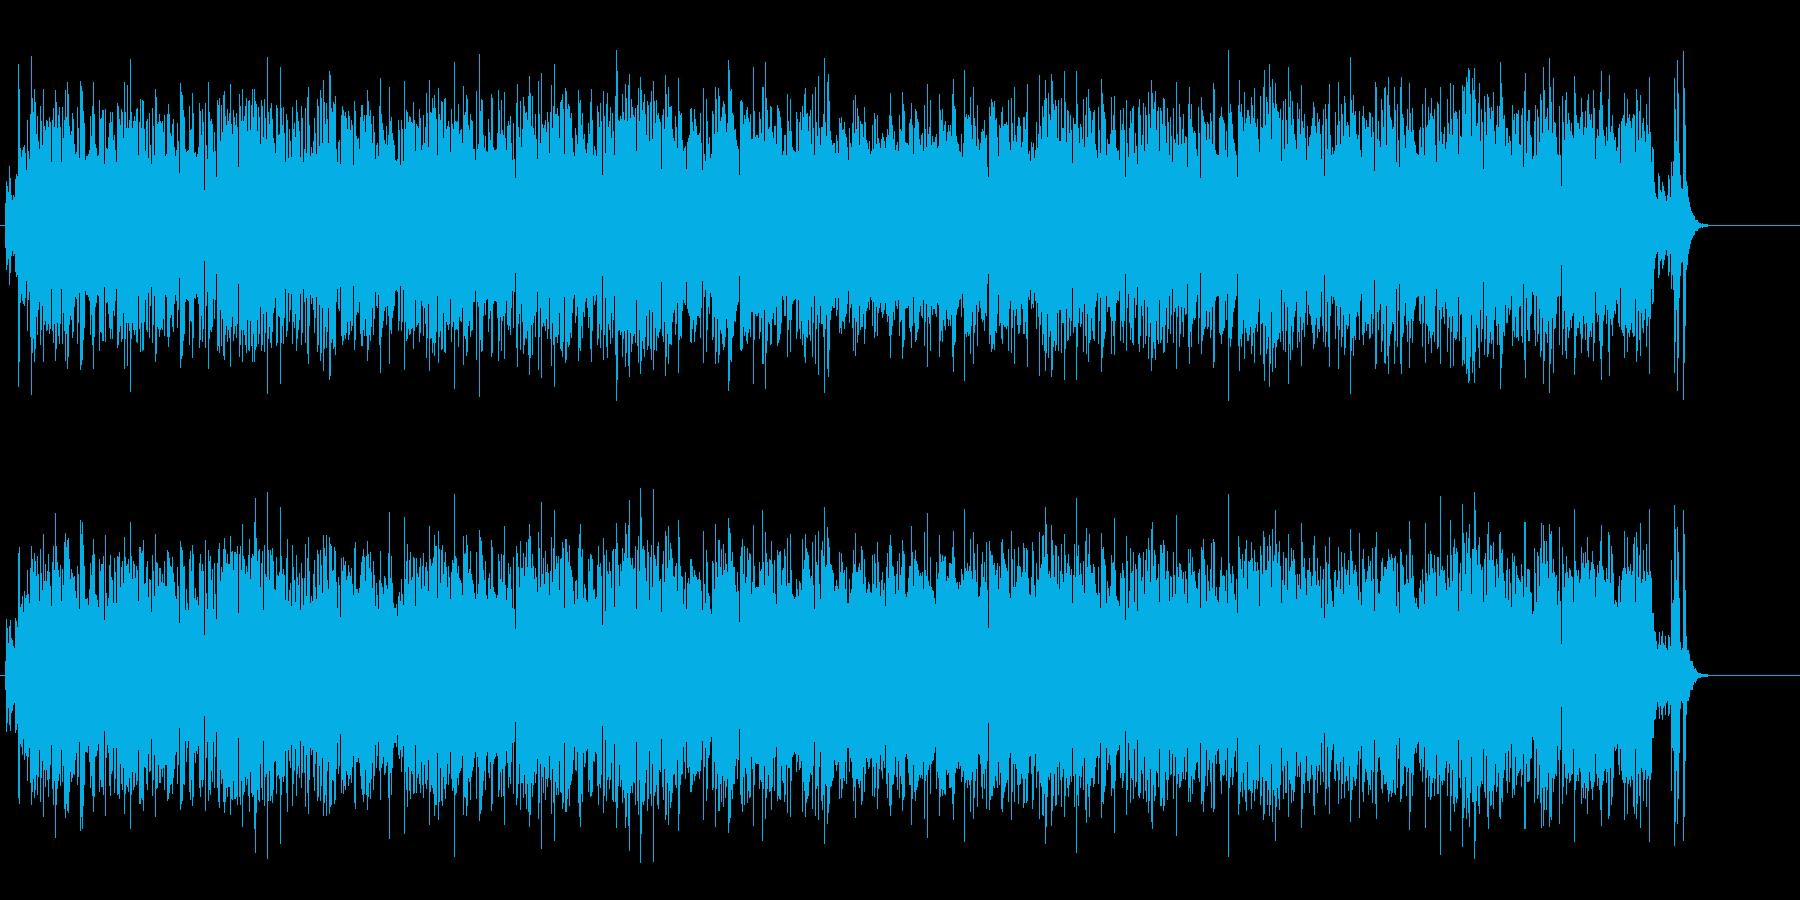 漫然としたゆったりポップスの再生済みの波形